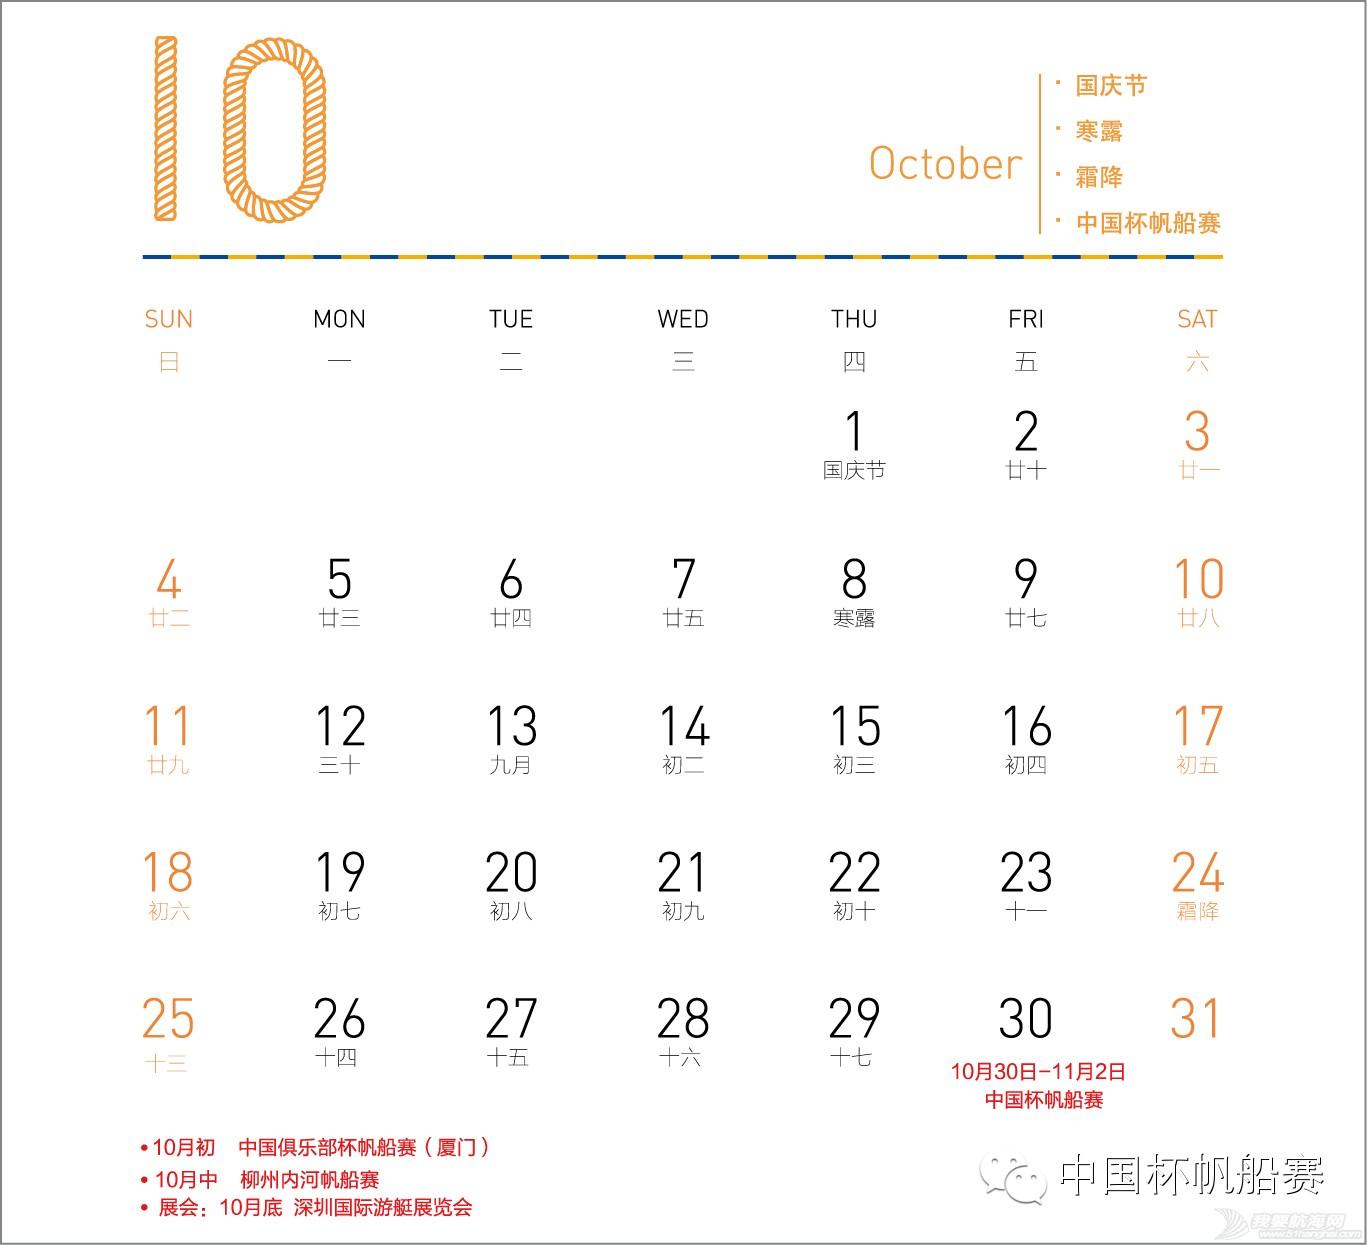 完整版,图片,中国,帆船,国际 2015年国际帆船赛历 13234c24e9885a3bdb0e5690b45d6a36.jpg